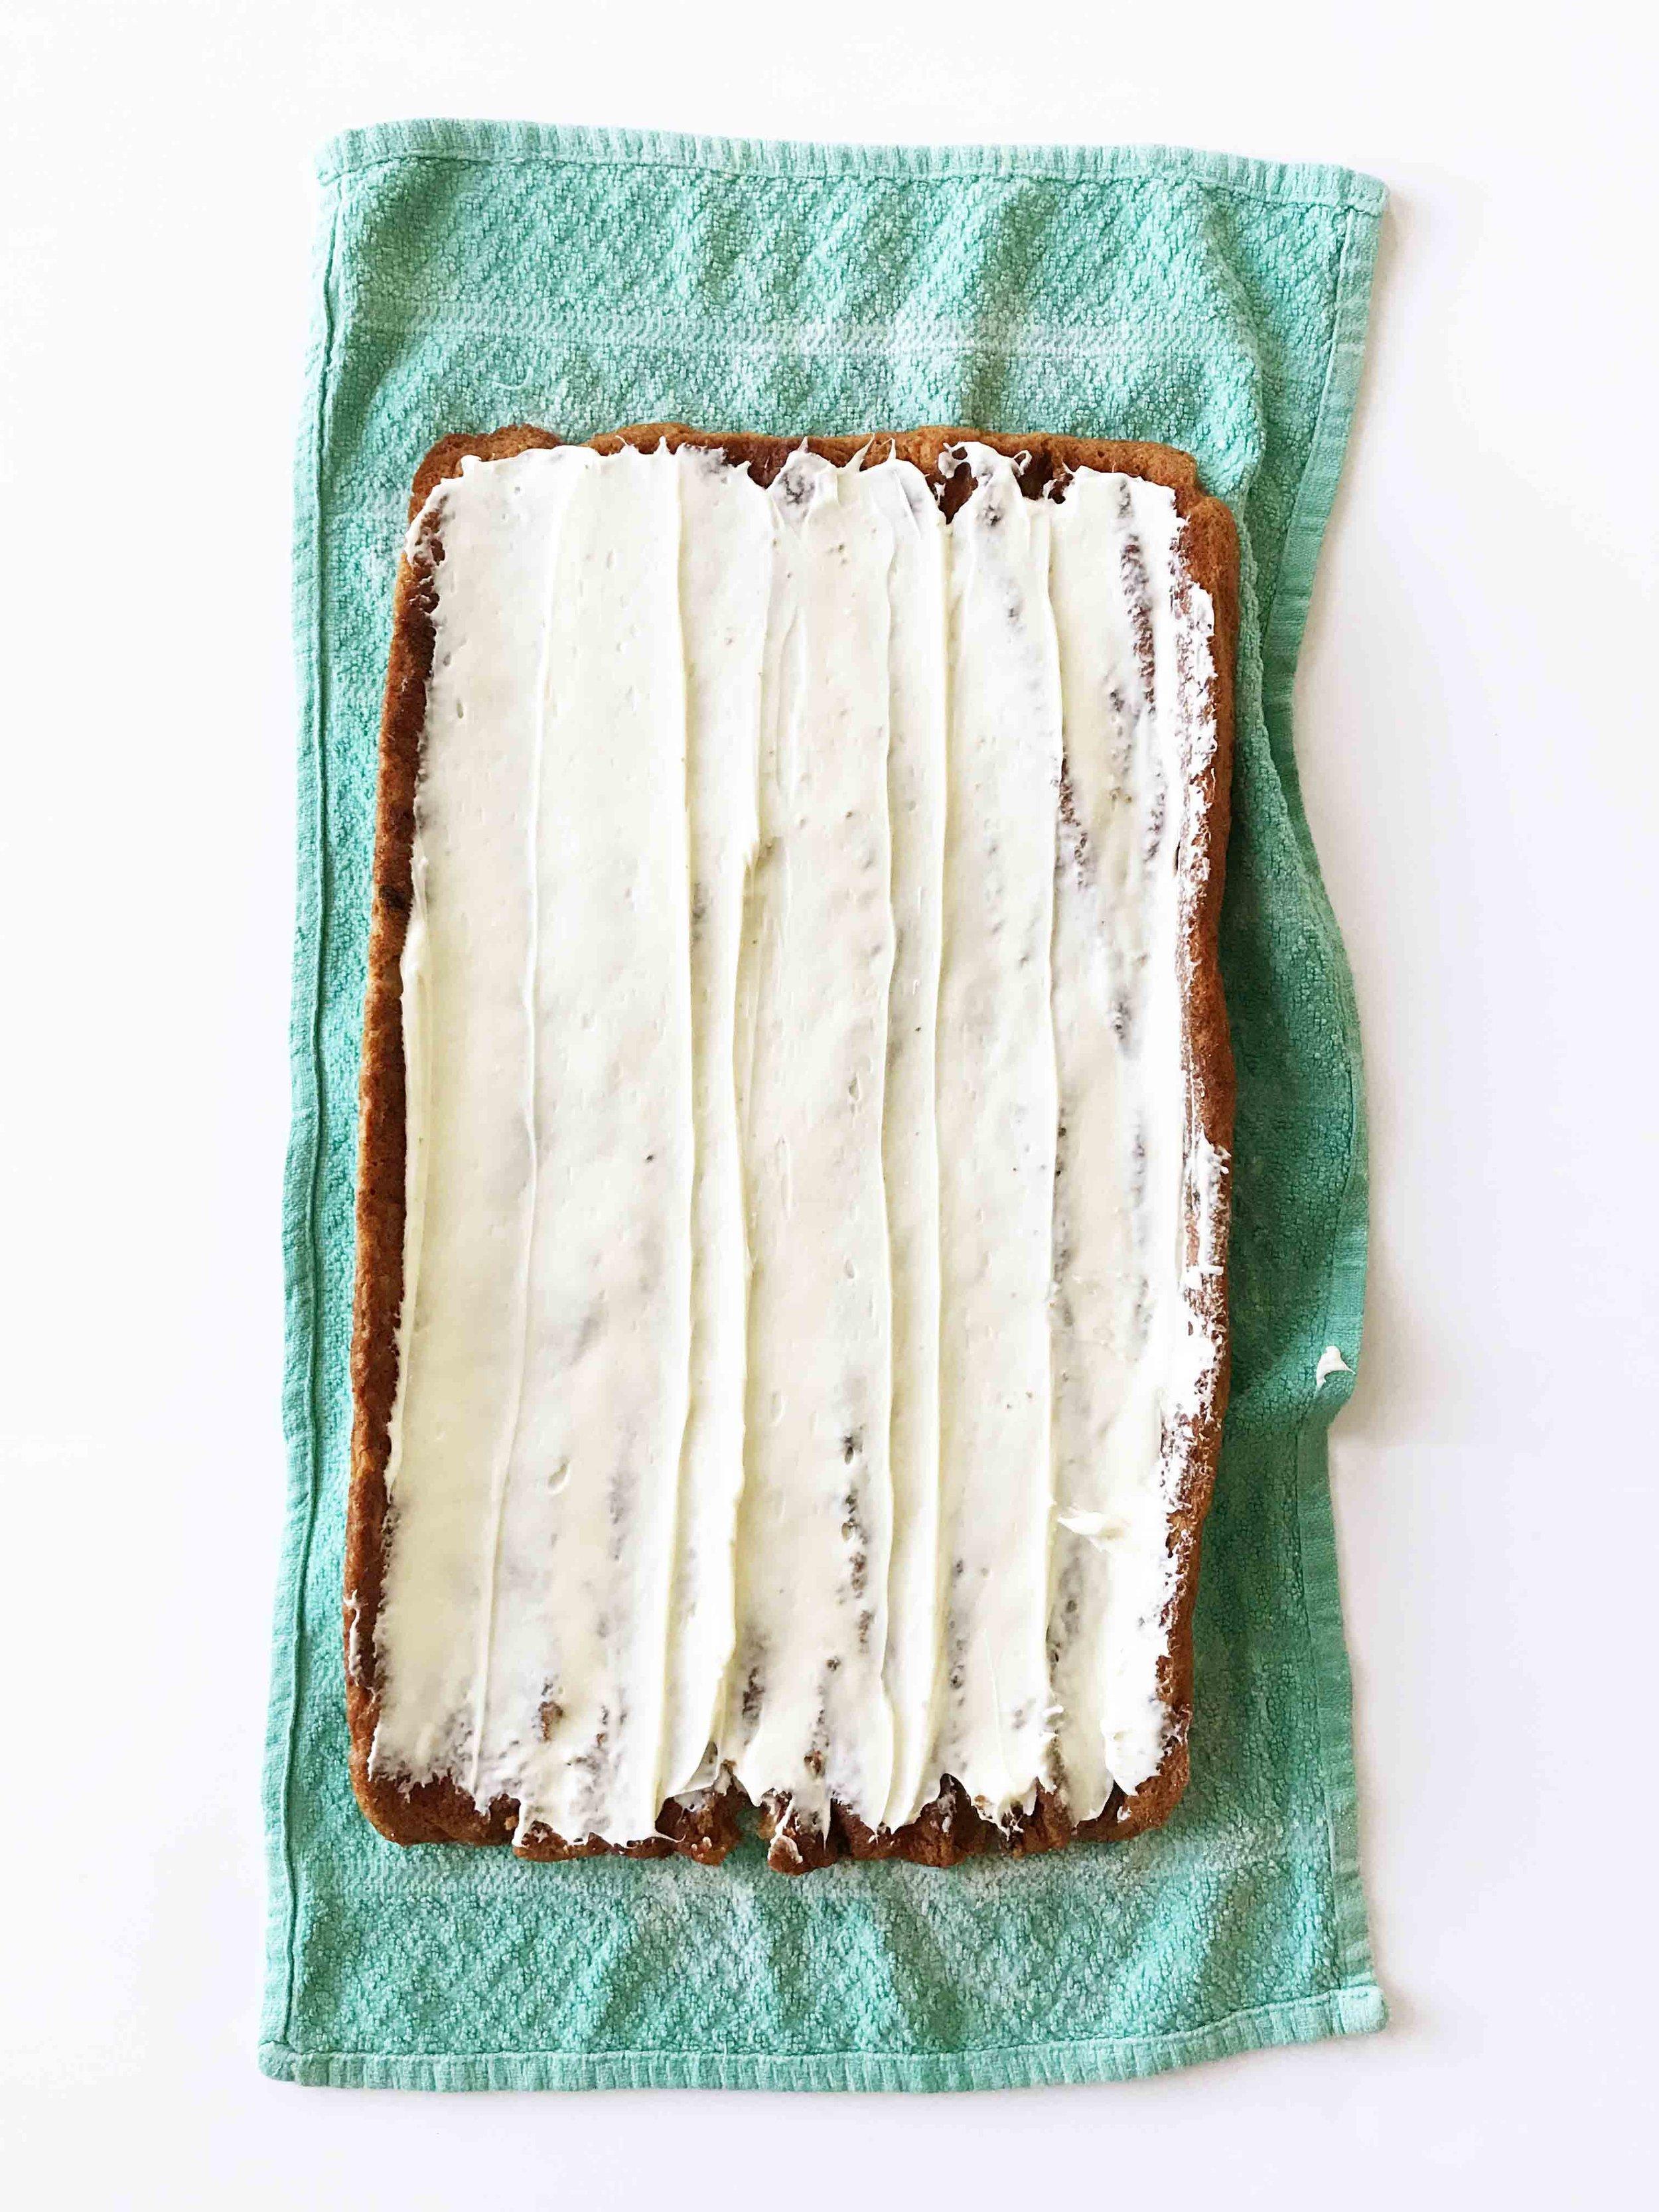 skinny-carrot-cake-roll7.jpg